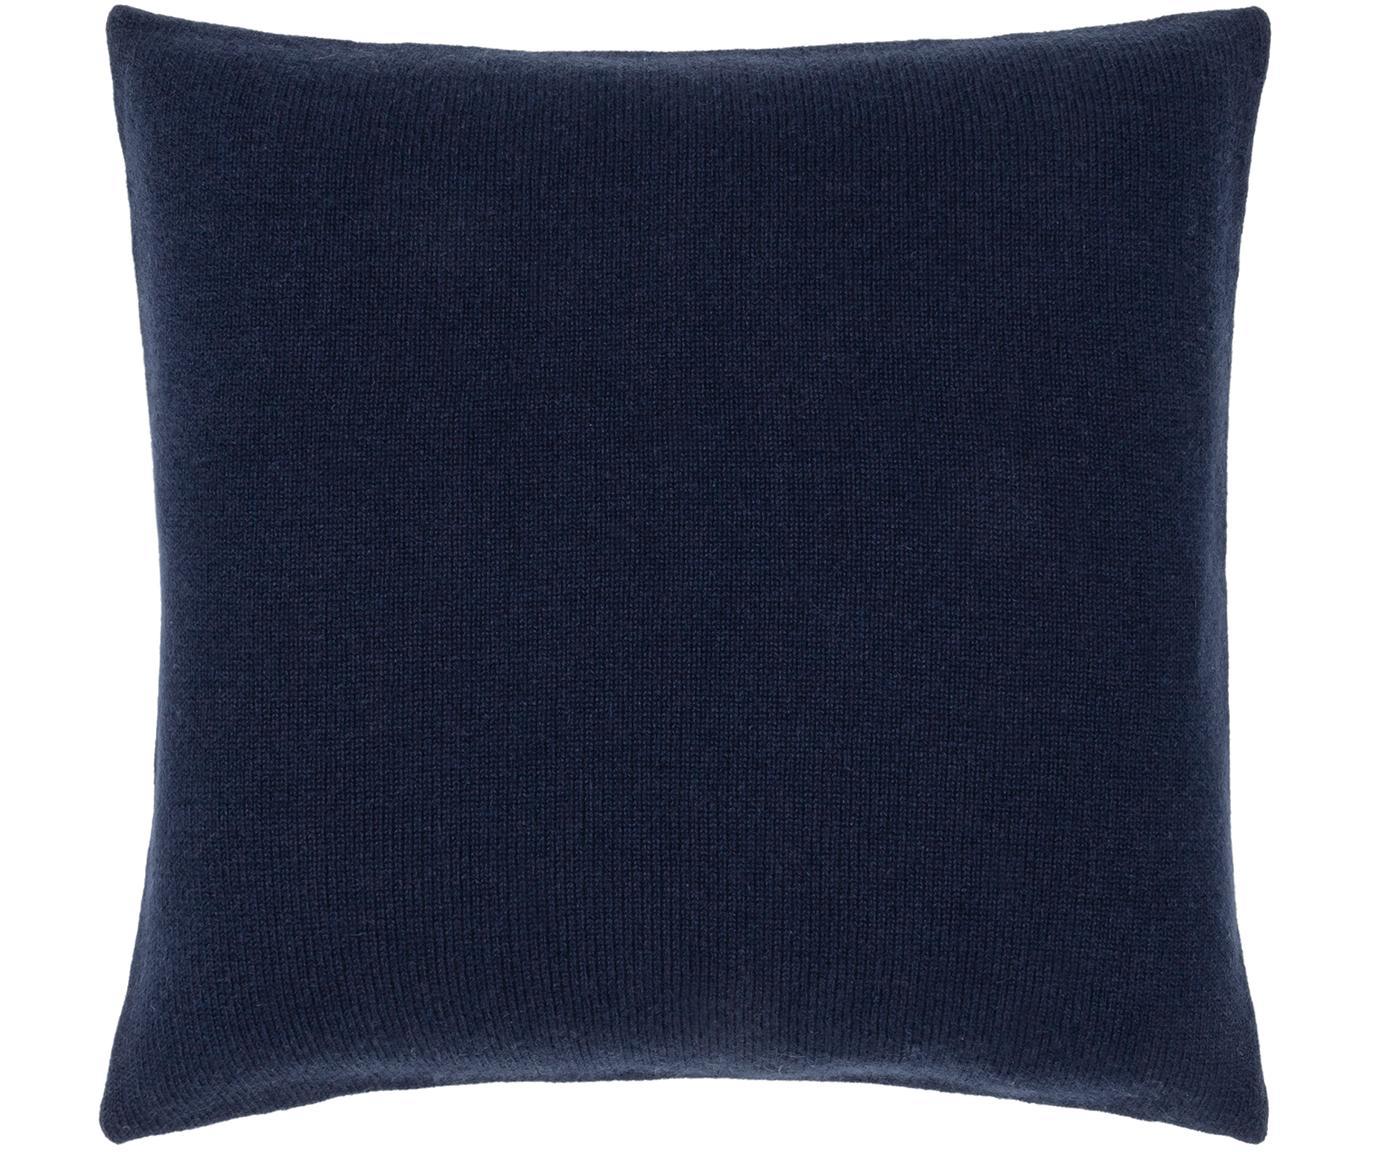 Poszewka na poduszkę z kaszmiru Viviana, 70% kaszmir, 30% wełna merynosa, Ciemny niebieski, S 40 x D 40 cm